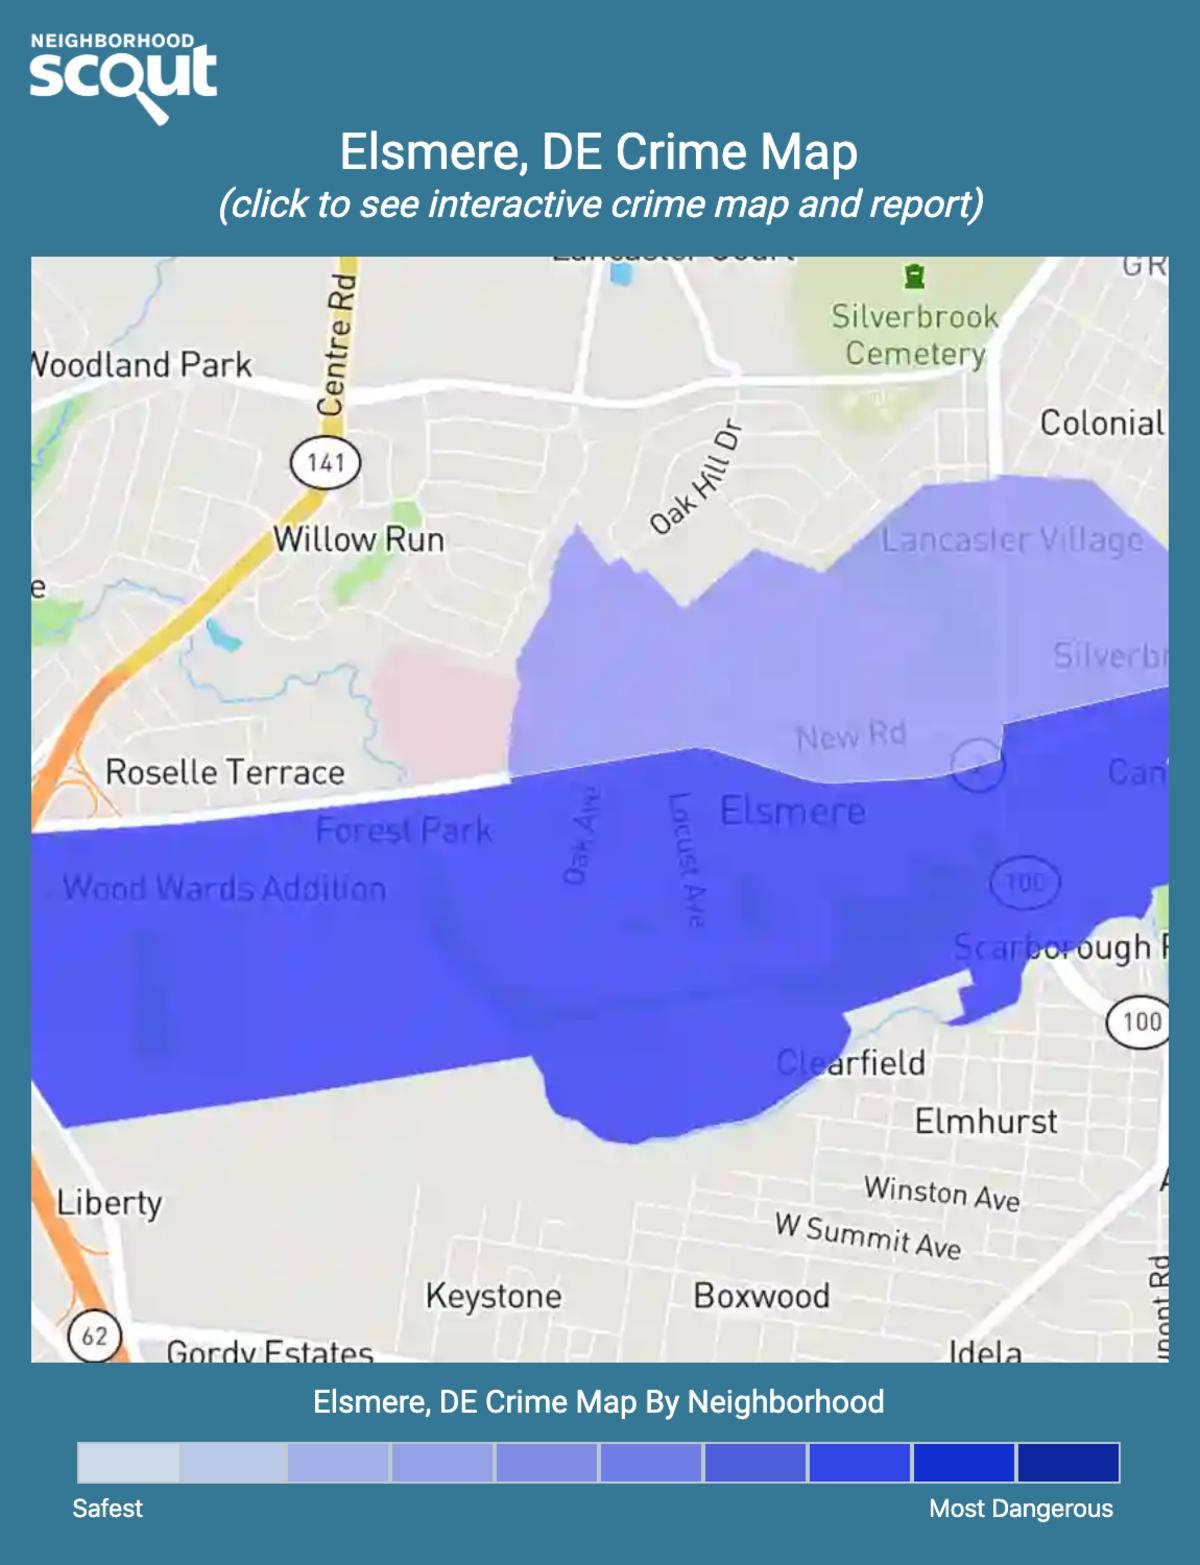 Elsmere, Delaware crime map